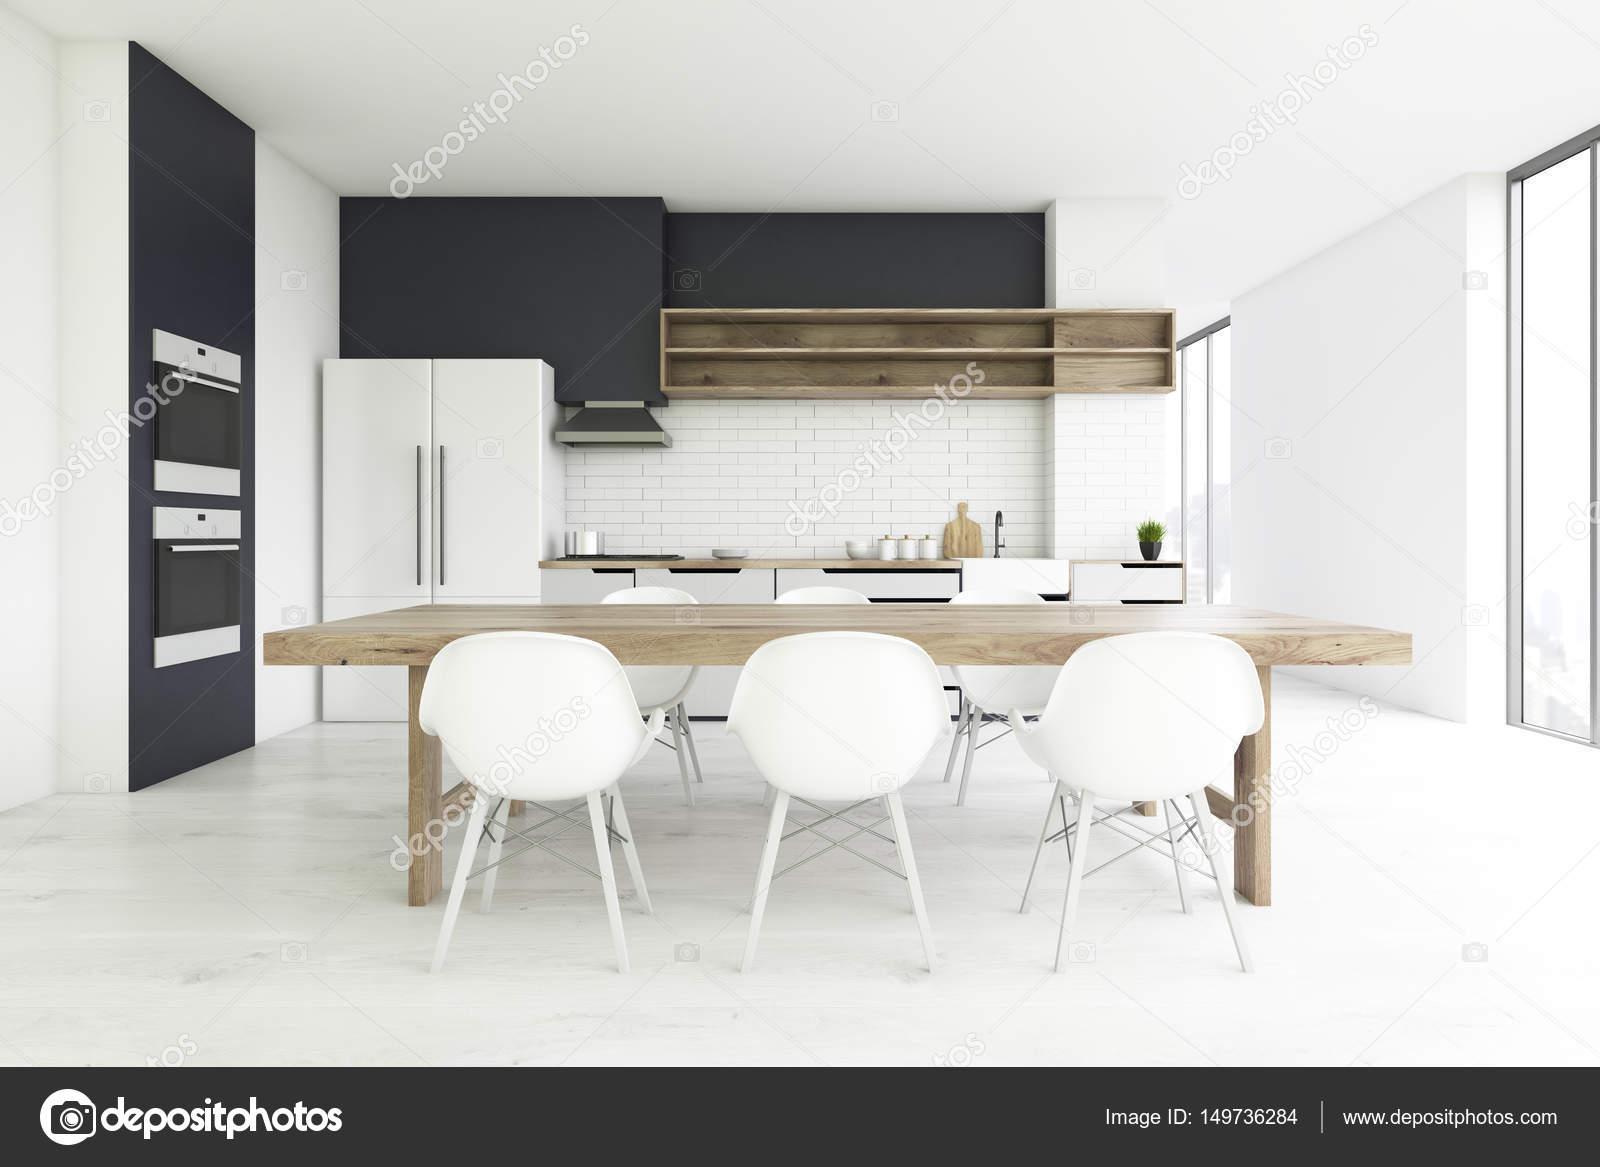 Beton In Keuken : Wagonplanken keuken met ruw beton gemaakt door jp walker